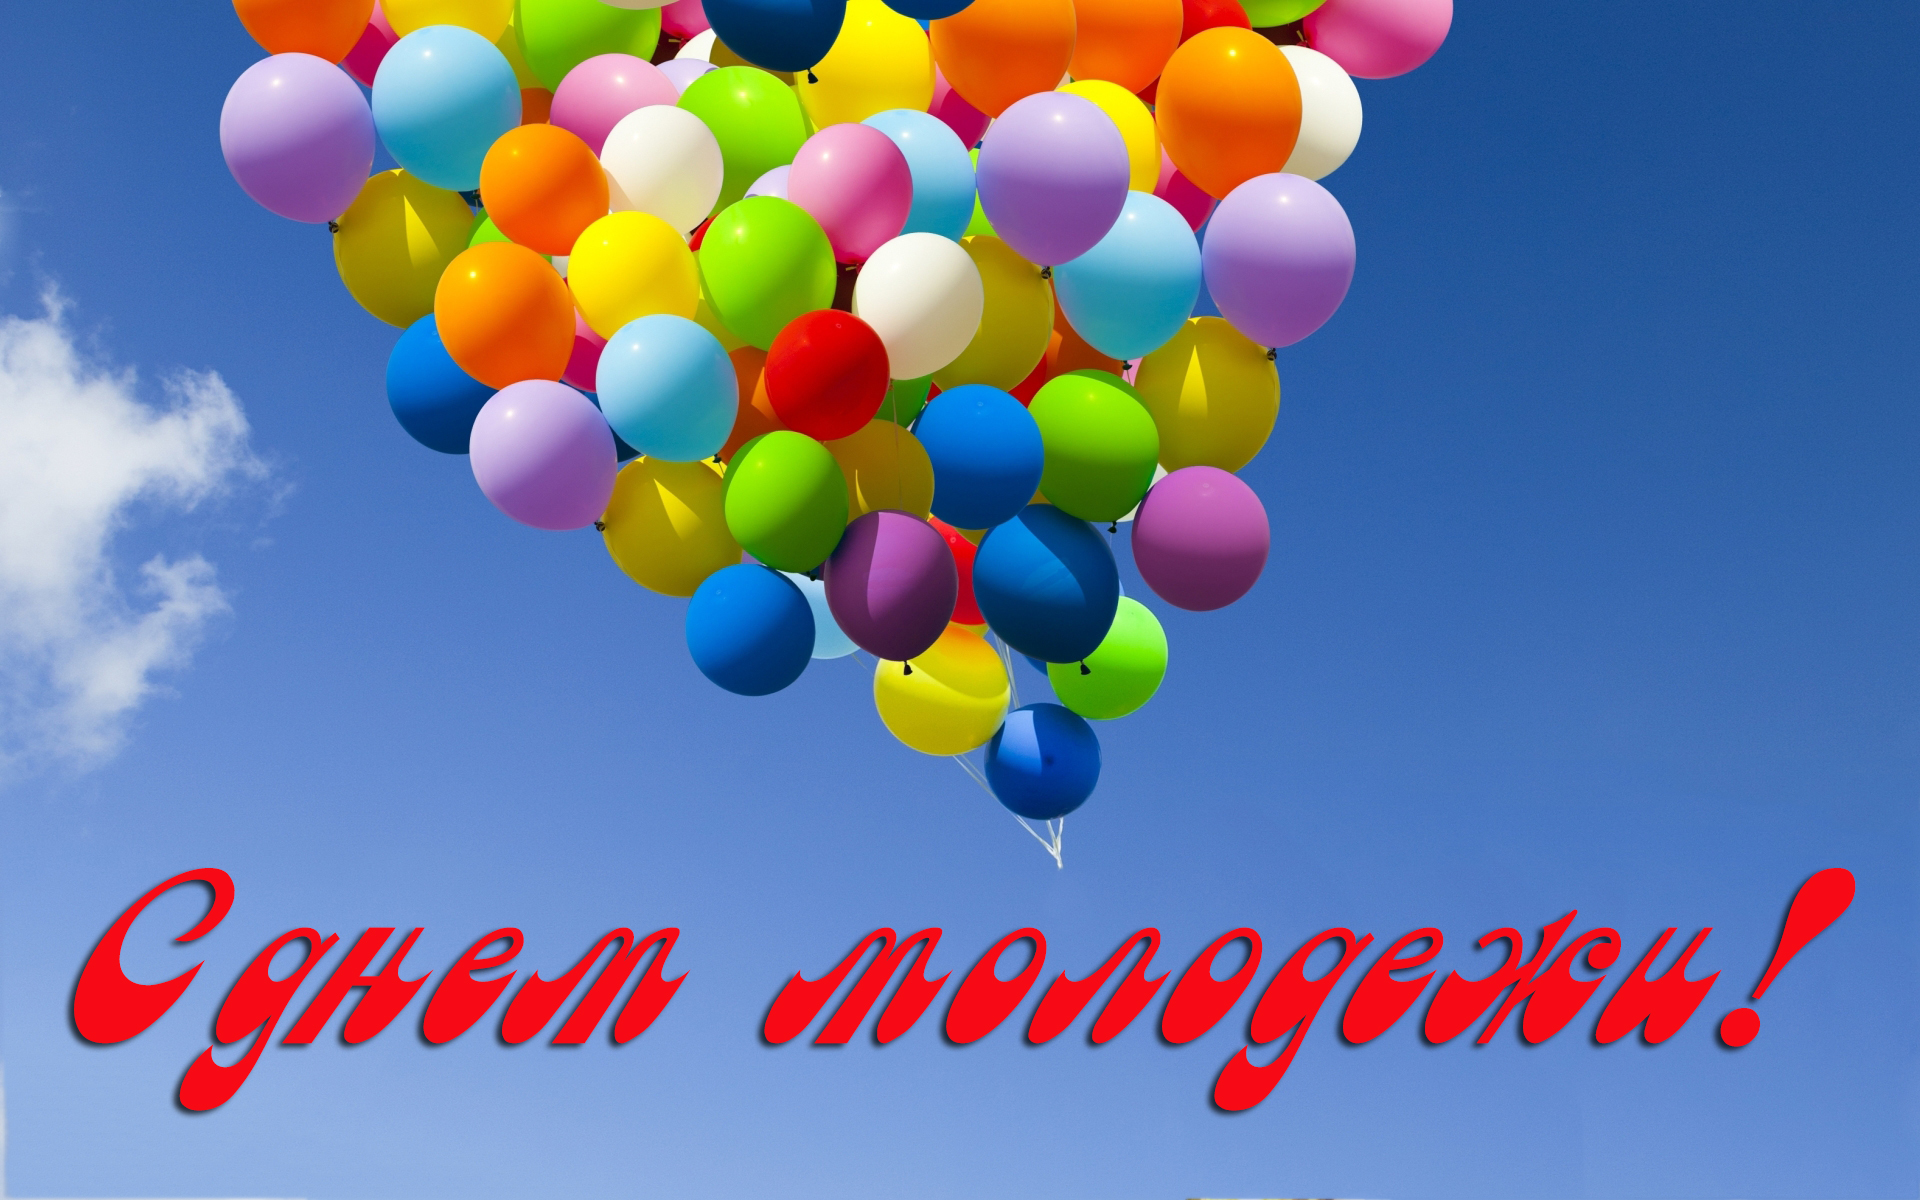 Поздравление с днем молодёжи в прозе фото 734